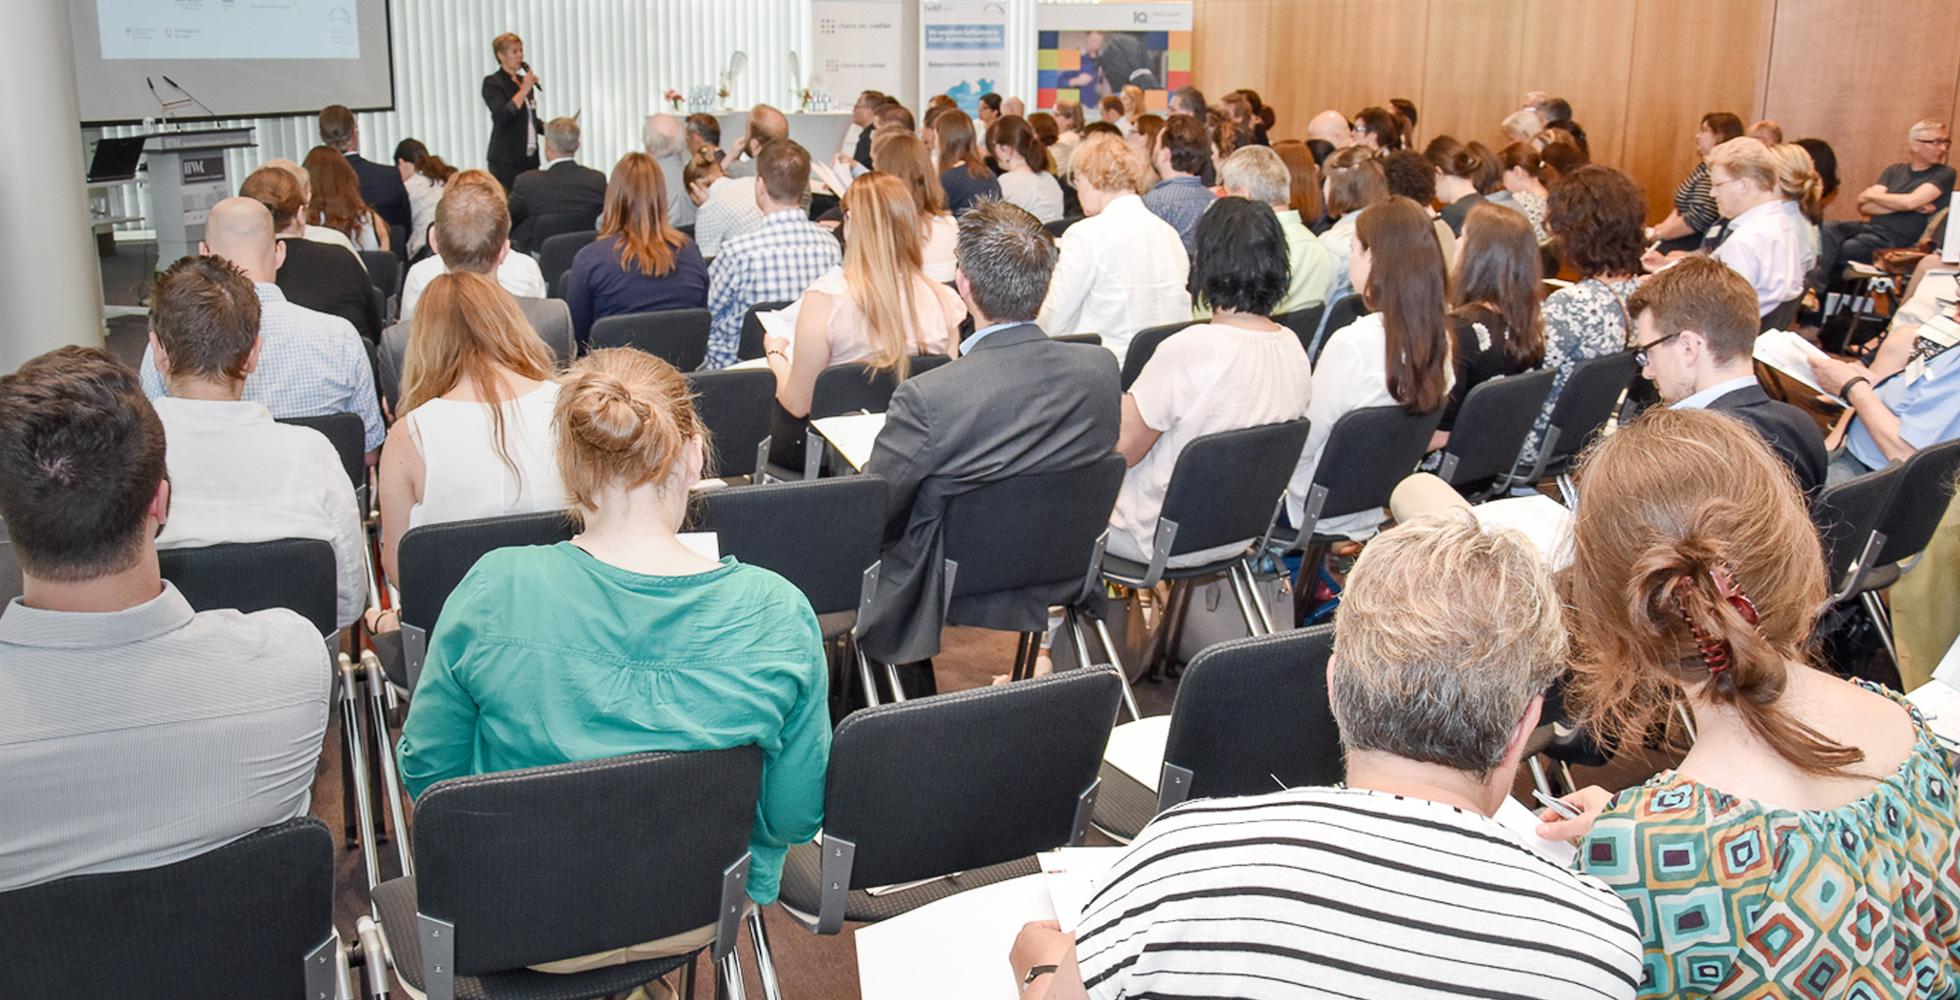 Das Bild zeigt das 3. Partnerforum NRW am 30.05.6017 anlässlich des Diversity-Tages 2017